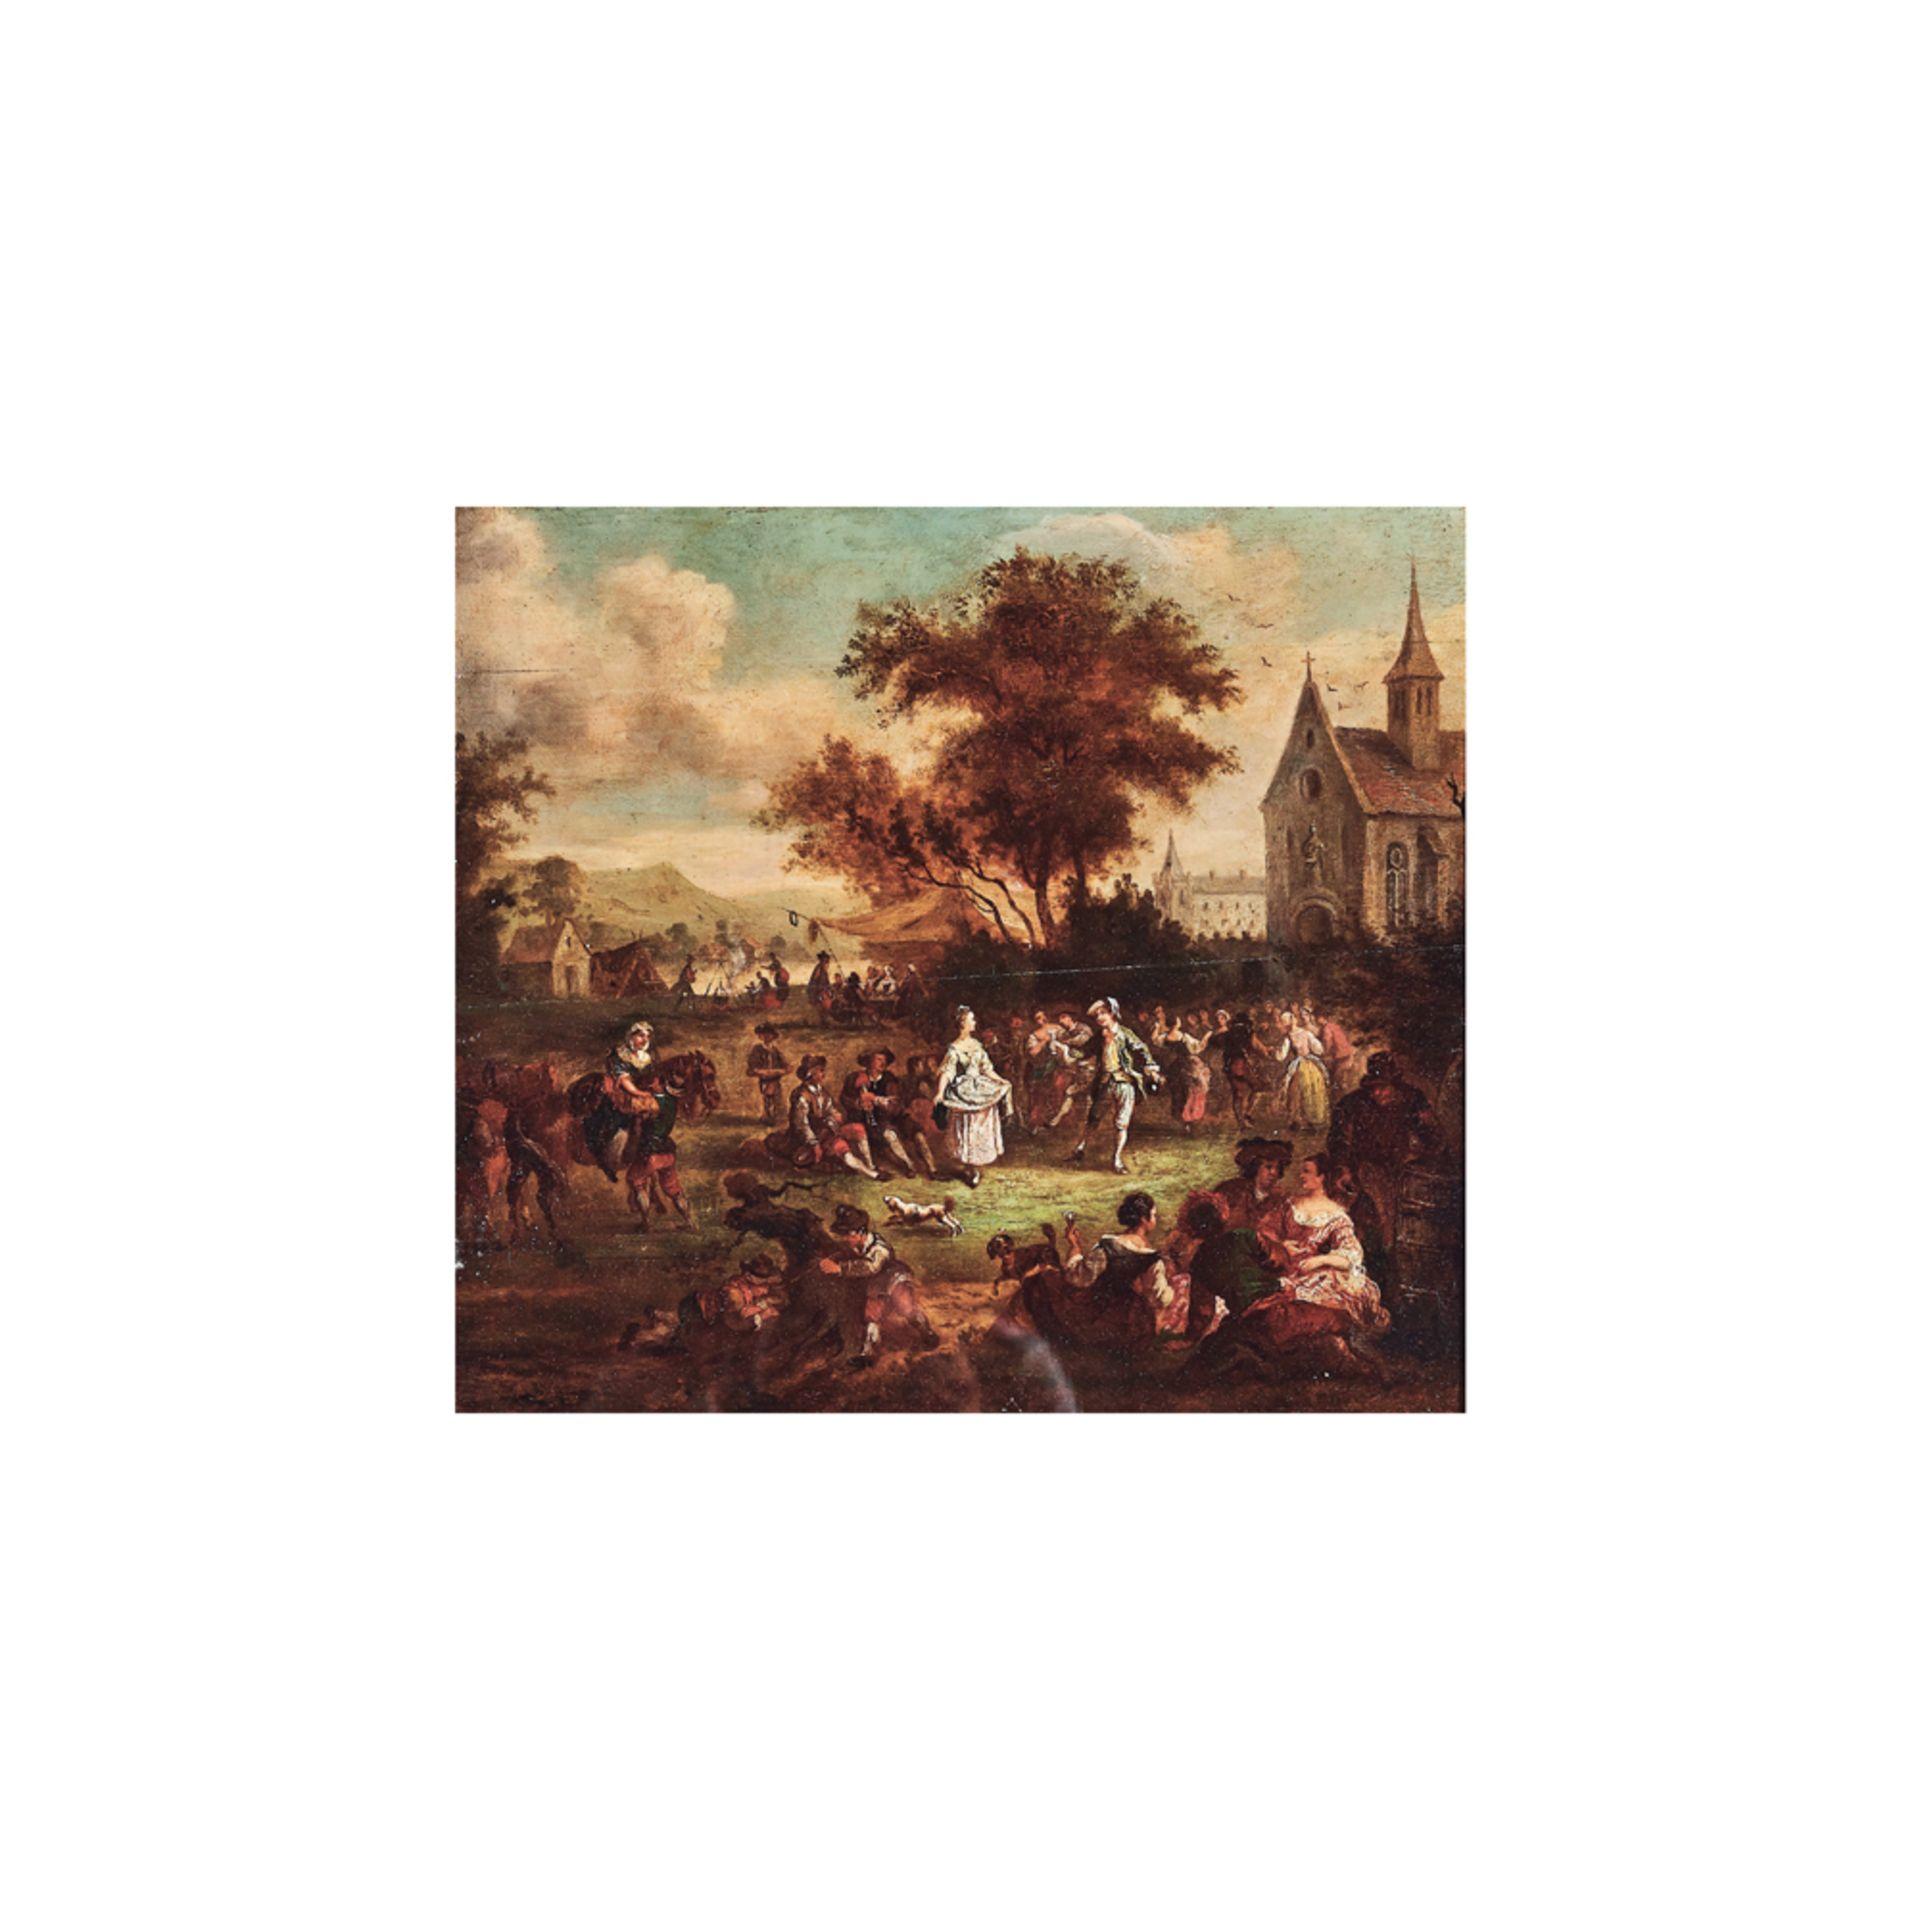 Los 25 - Escuela francesa, s.XVIII. Baile delante de la iglesia. Óleo sobre tabla.